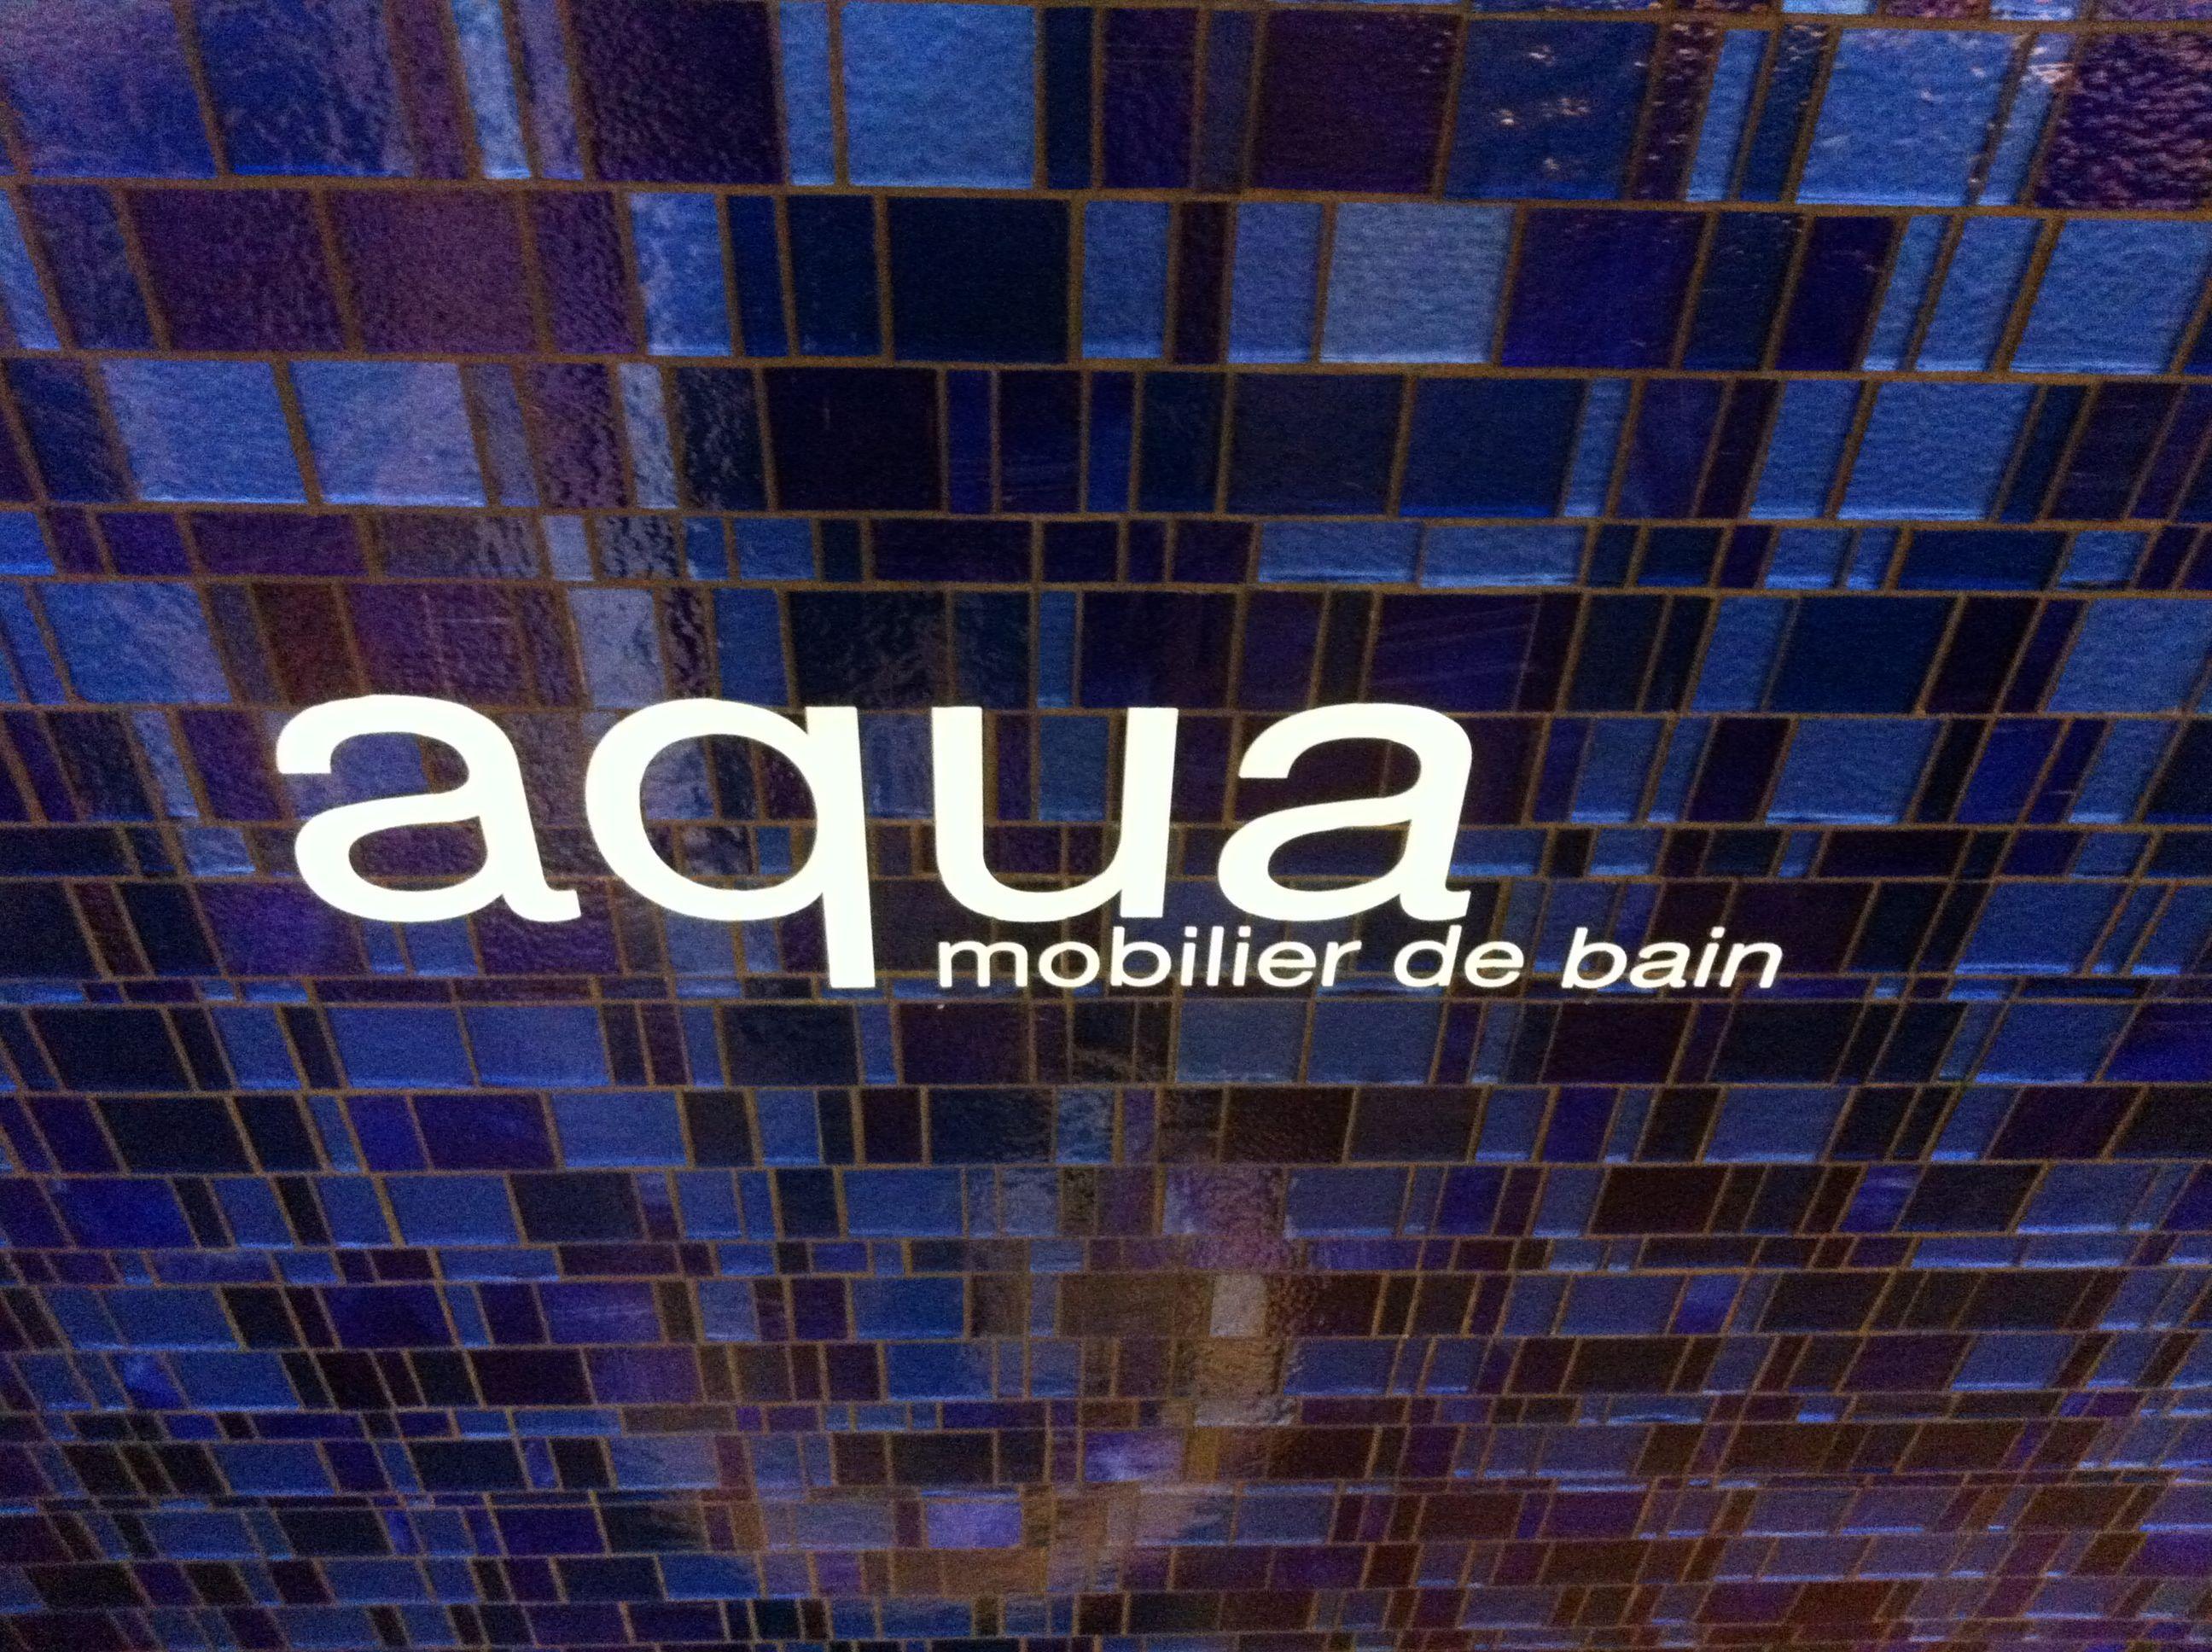 Les 11 Meilleures Images Du Tableau Aqua Mobilier De Bain Sur Pinterest